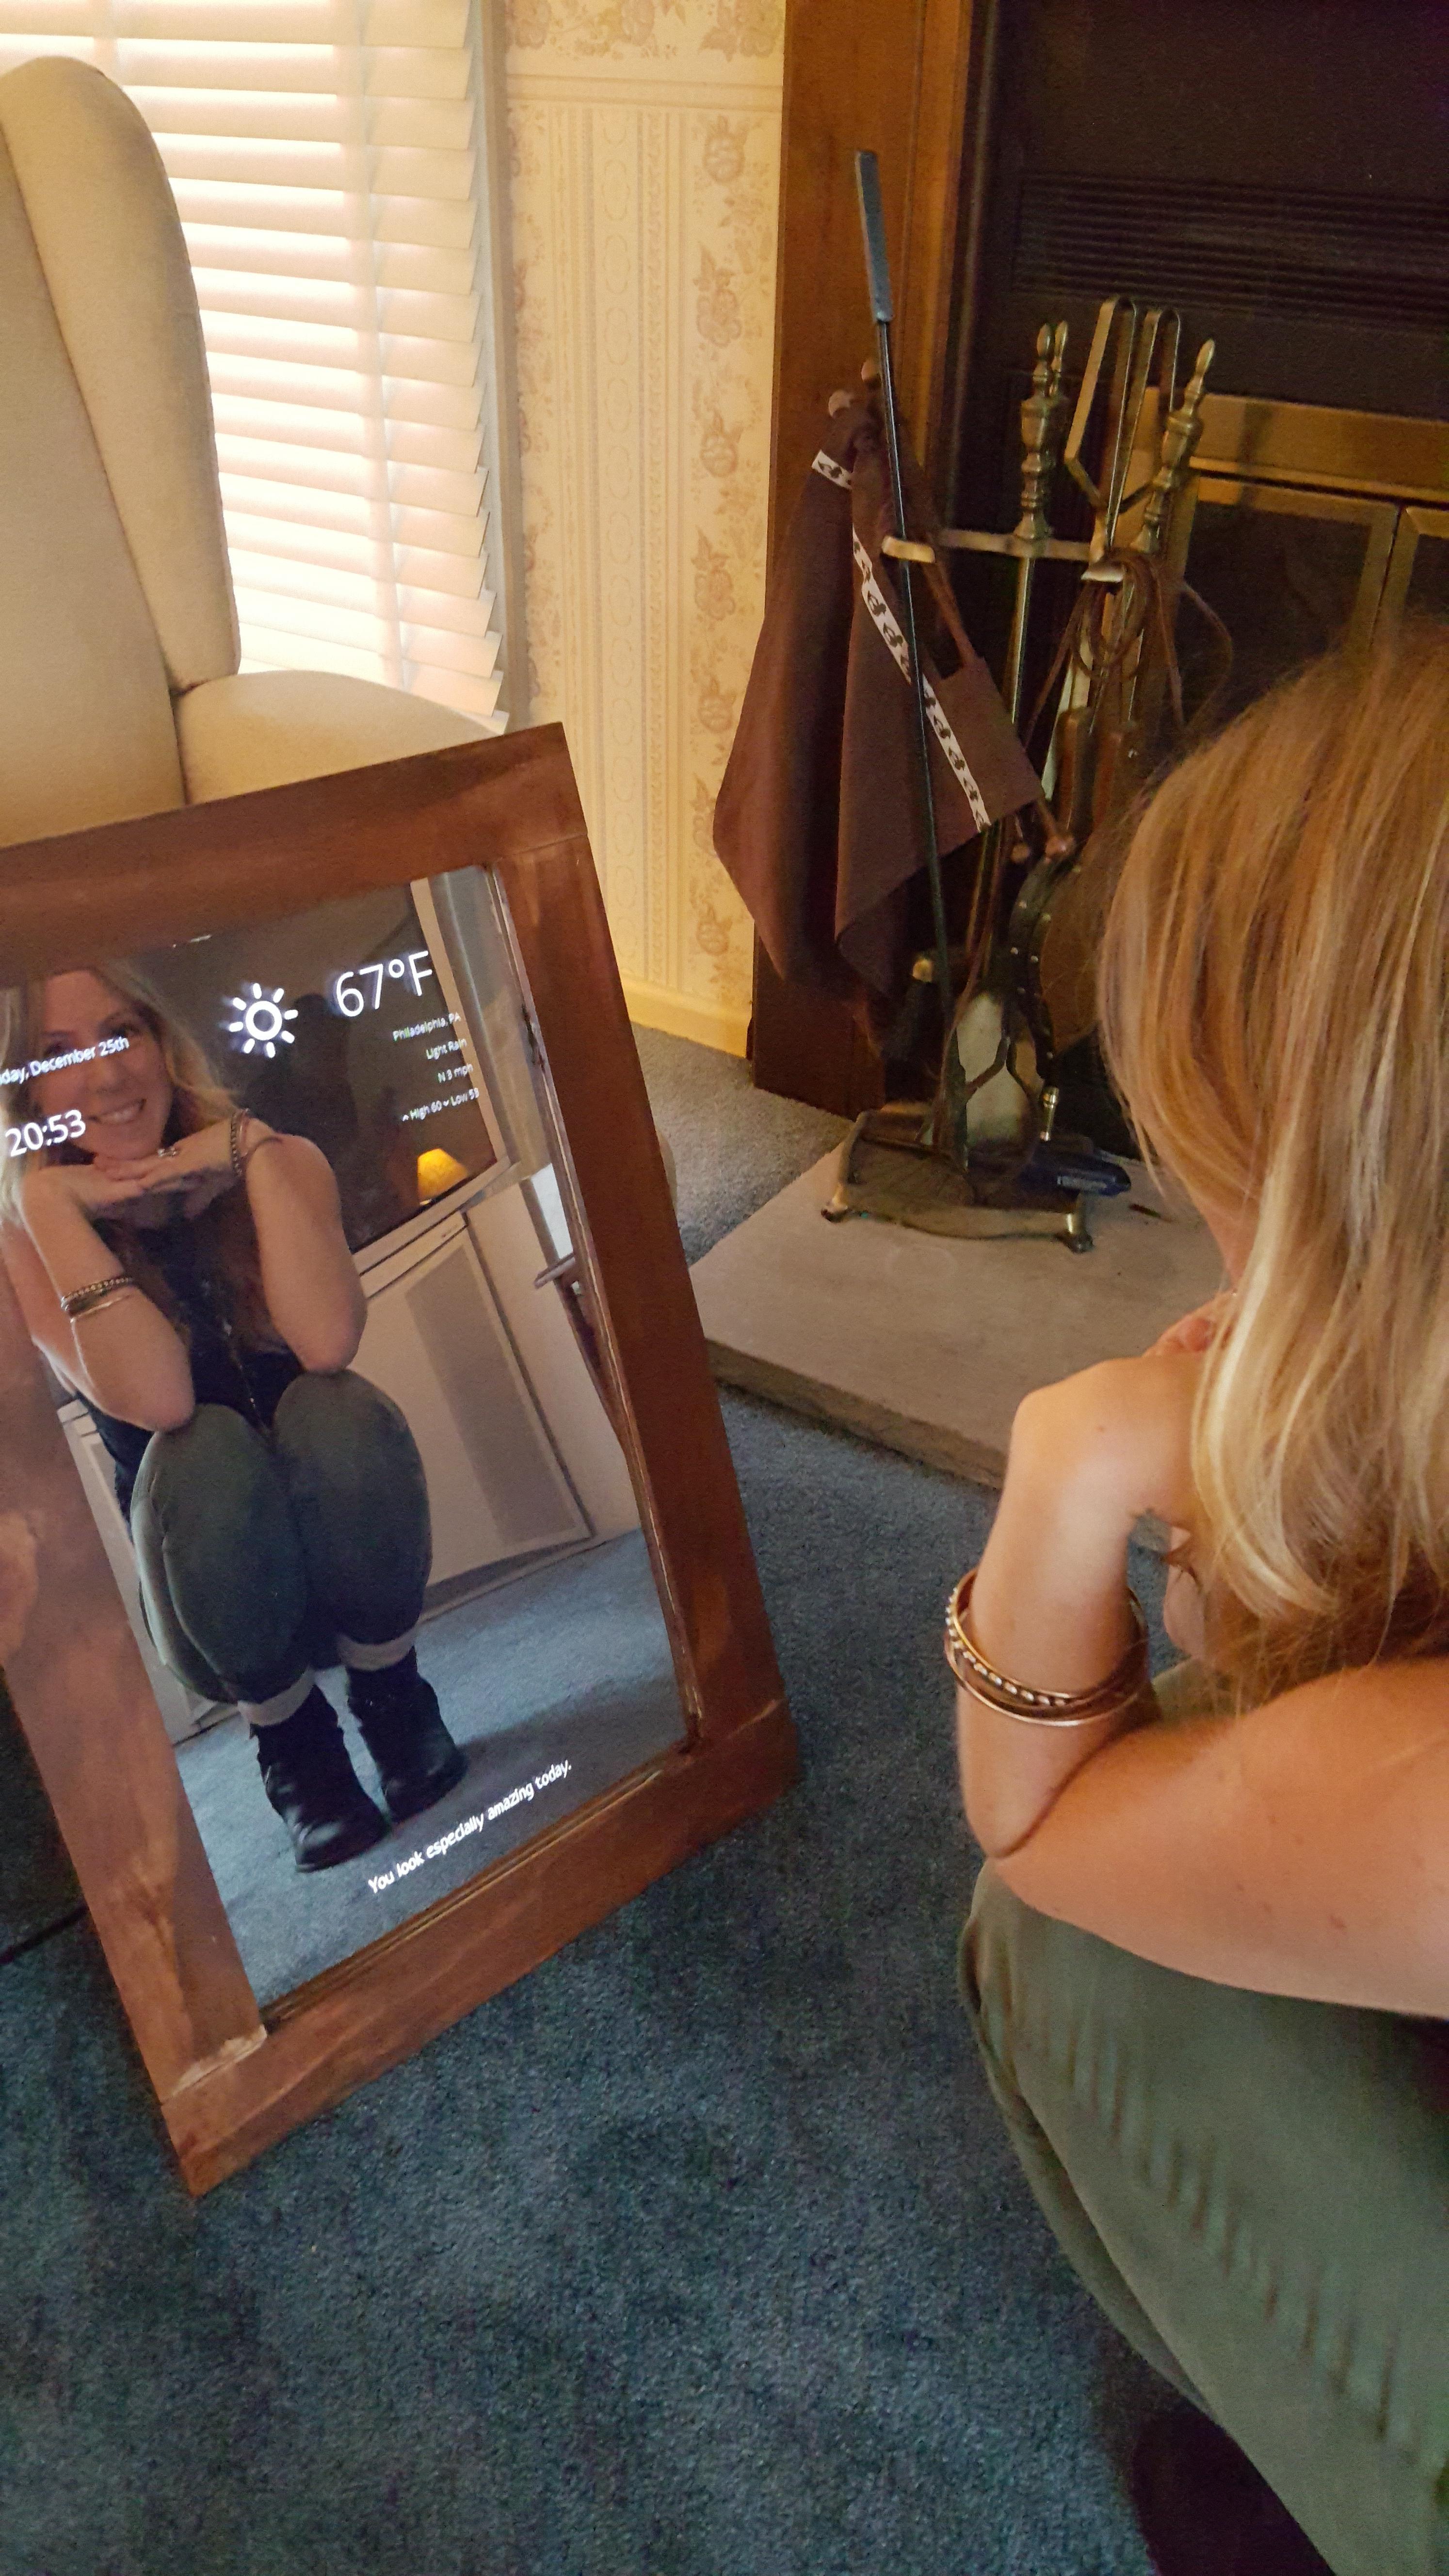 En fornøyd eier sjekker speilet.